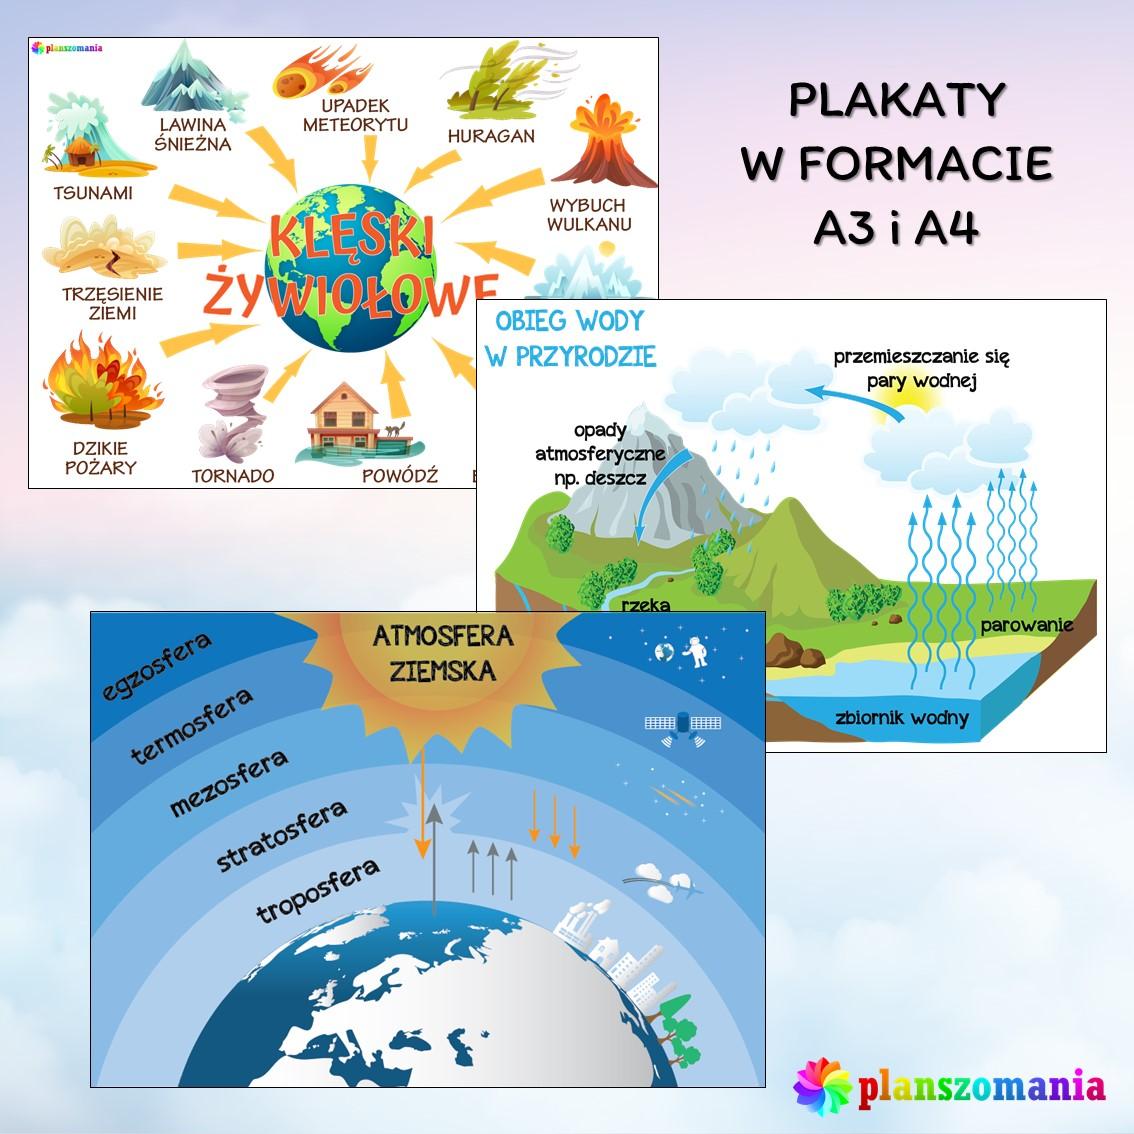 plansze edukacyjne planszomania materiały dydaktyczne dla dzieci edukacja wczesnoszkolna pogoda mega pakiet pdf do druku plakaty A4 A4